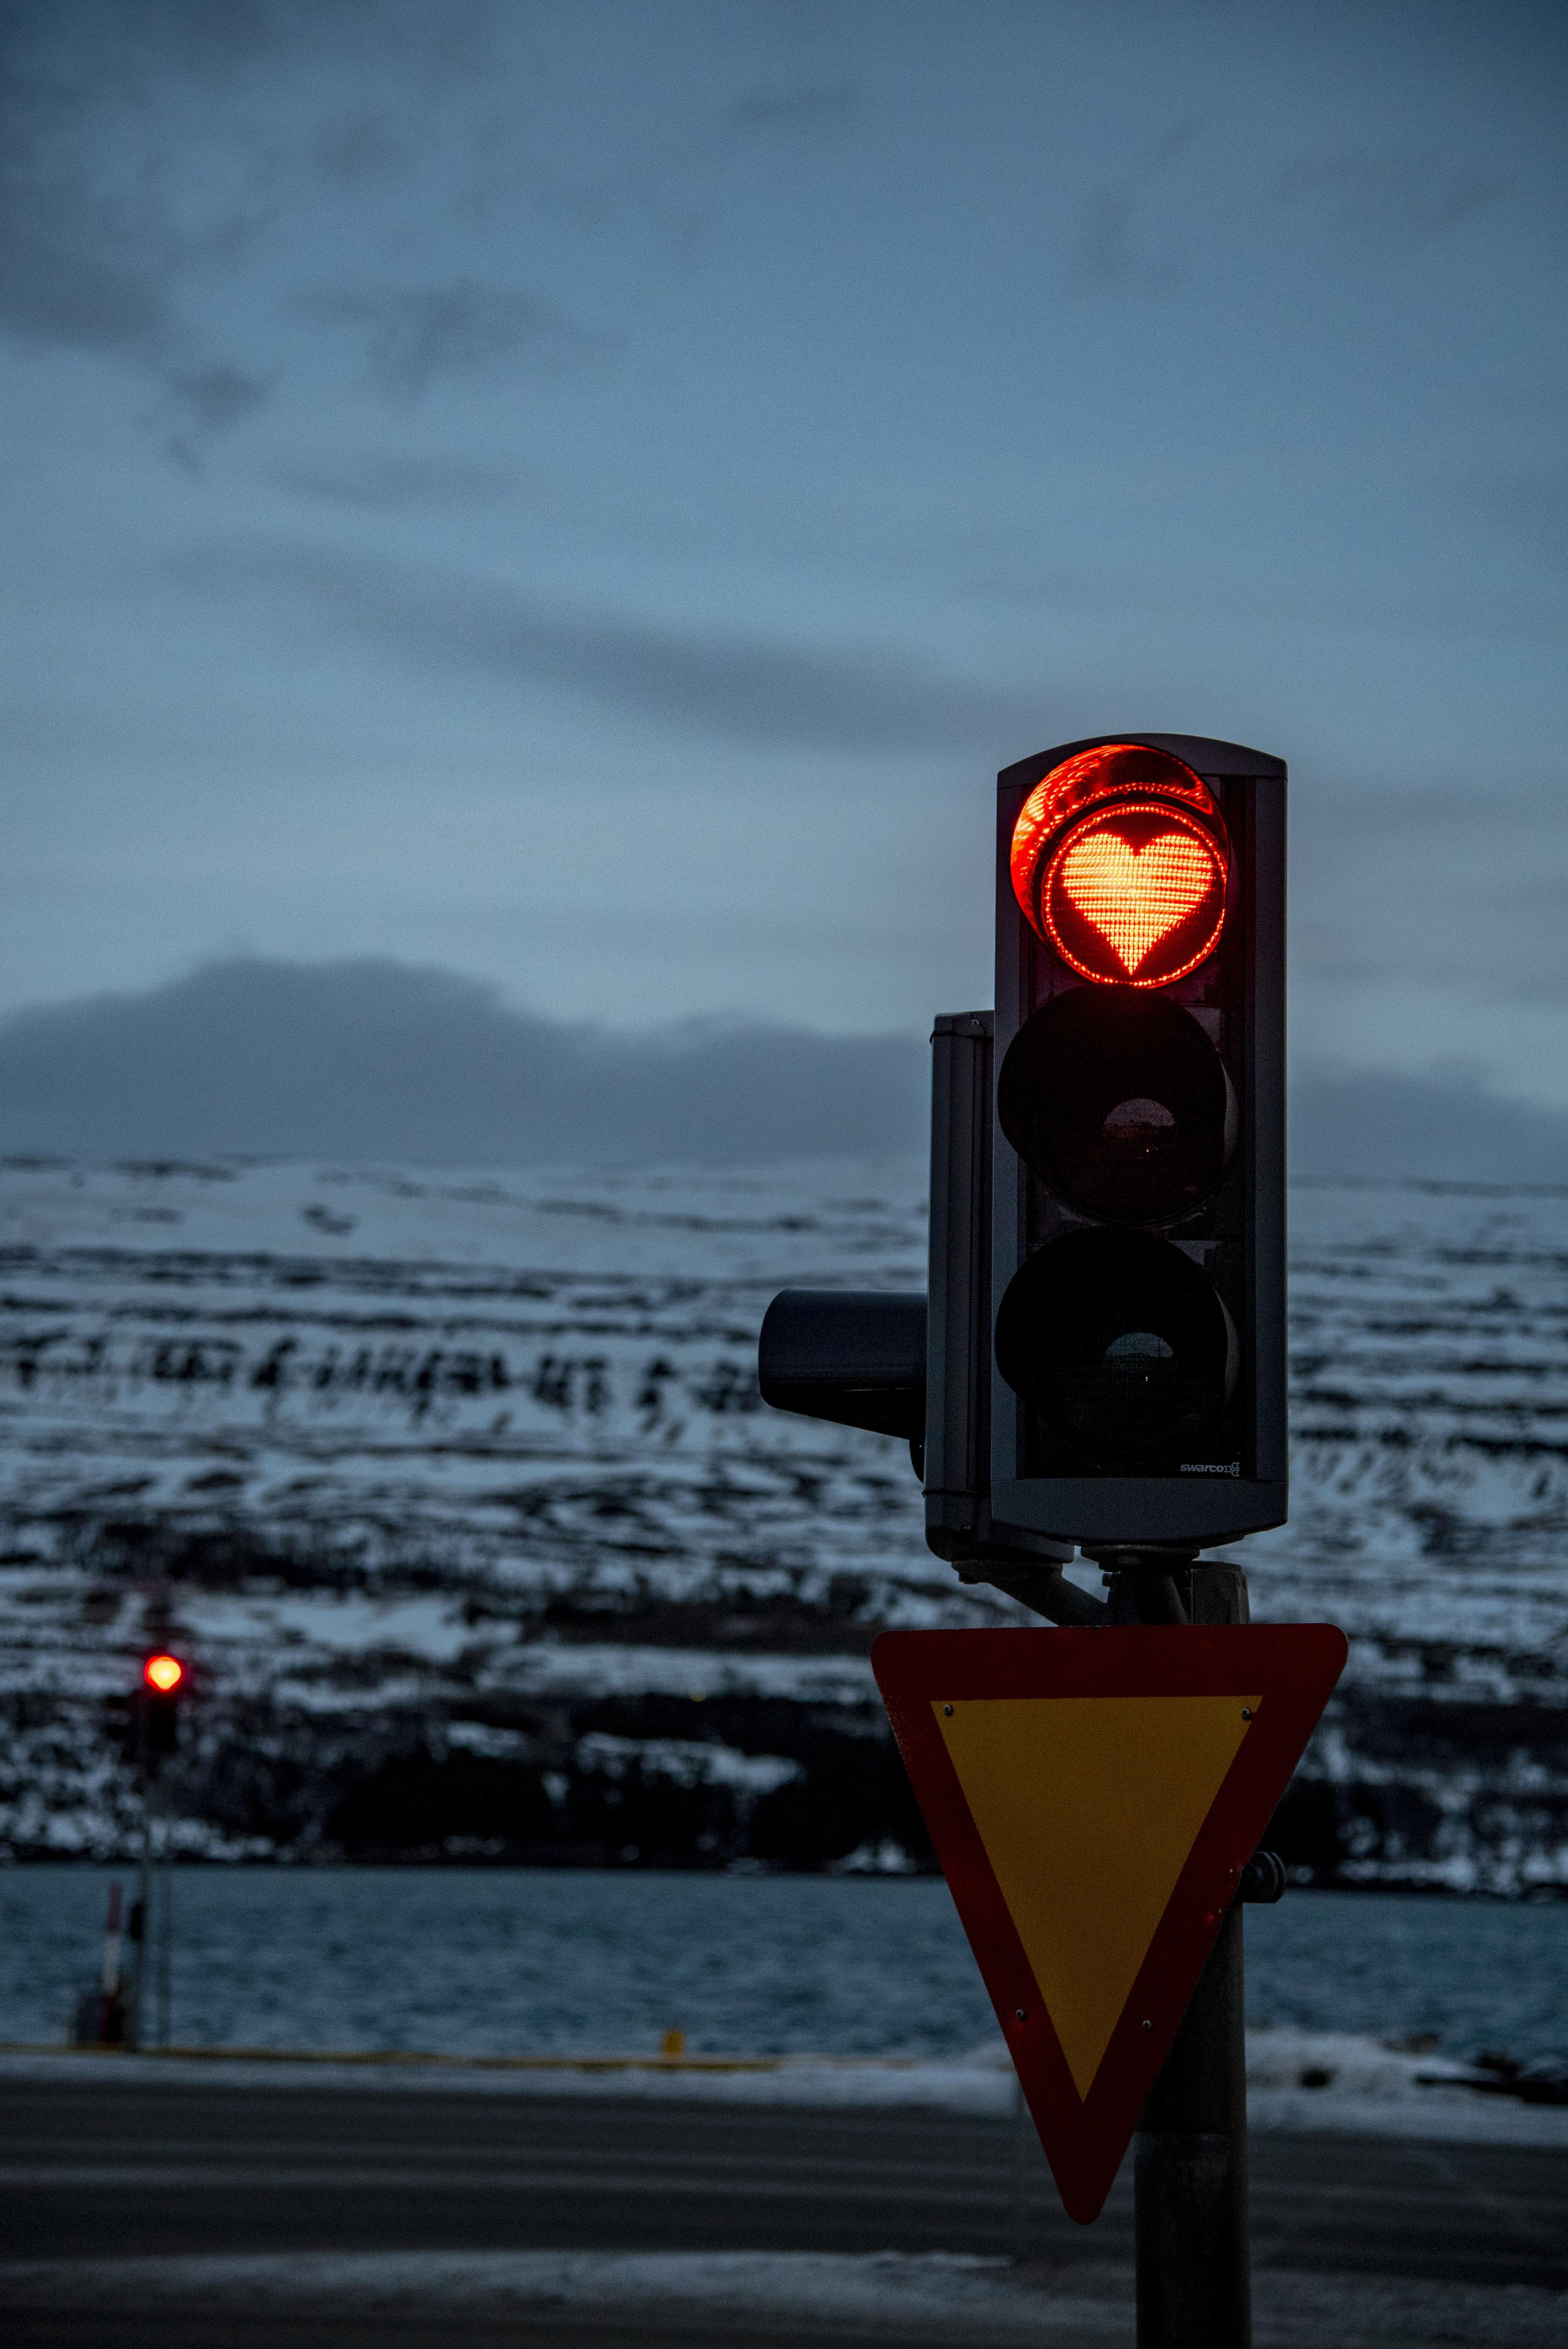 traffic light displaying orange heart